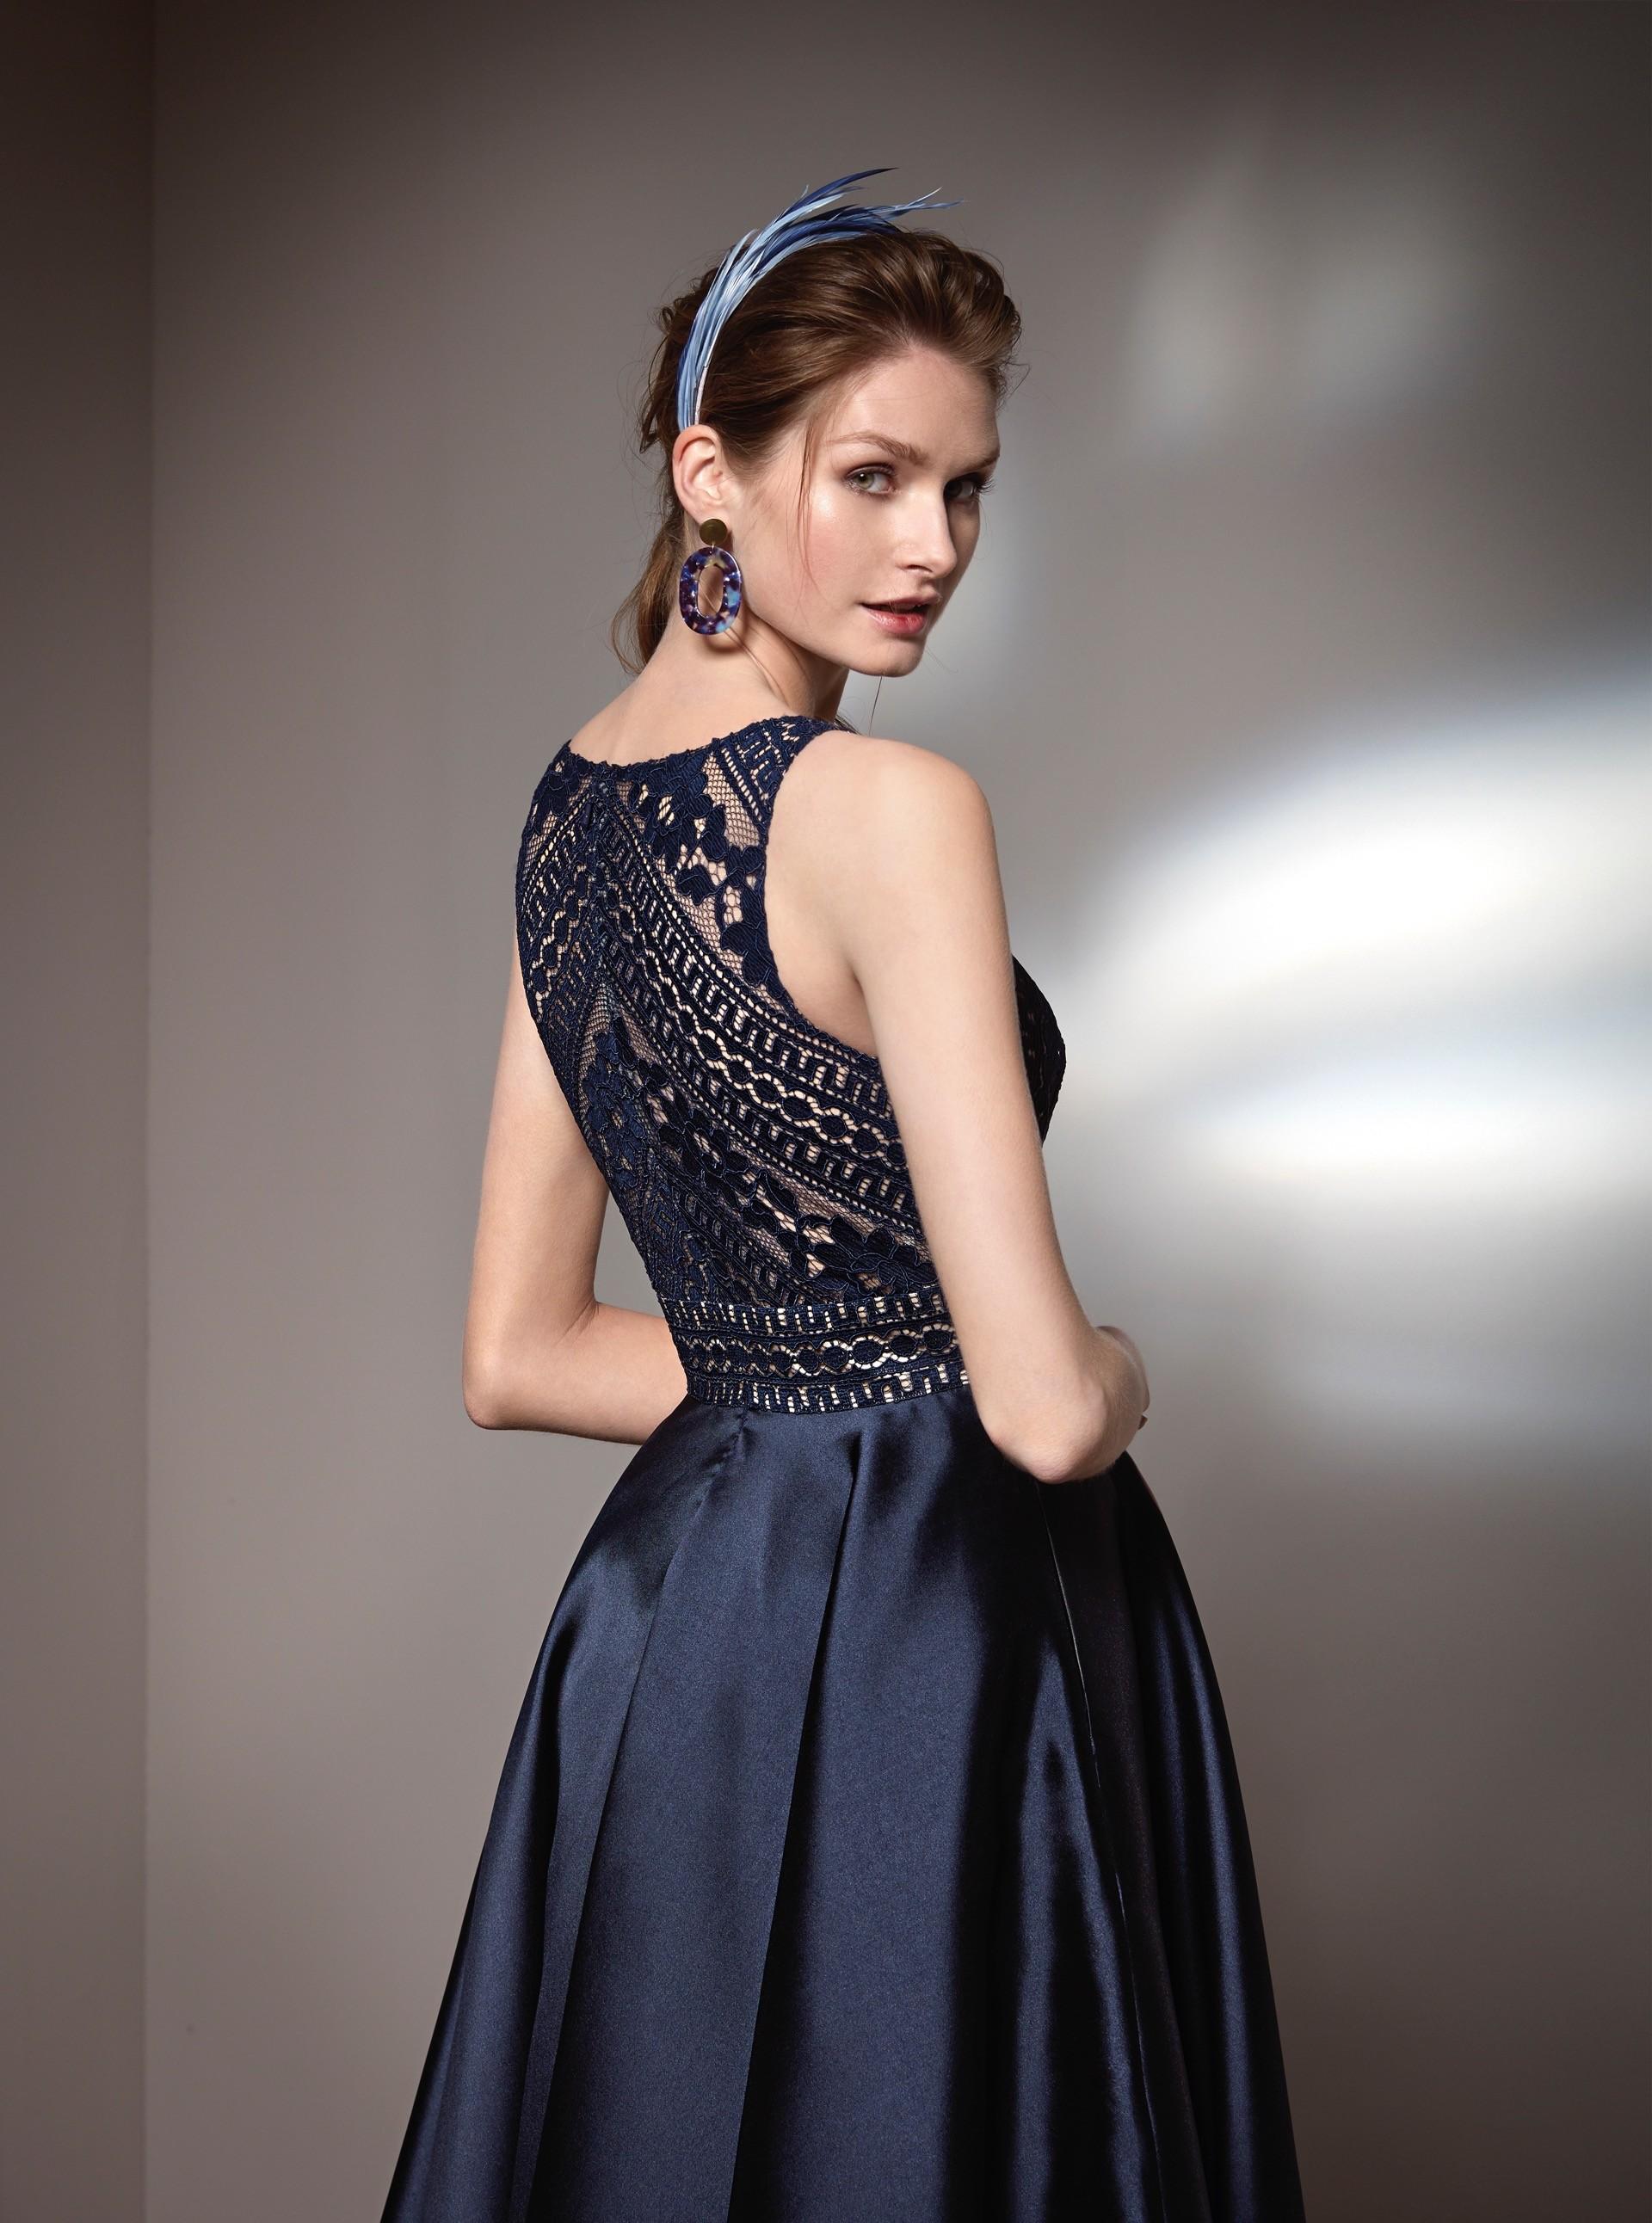 Kleid im Prinzess-Stil mit Rundhals-Ausschnitt, Taschen und Spitzendetails von Fara Fiesta in Blau